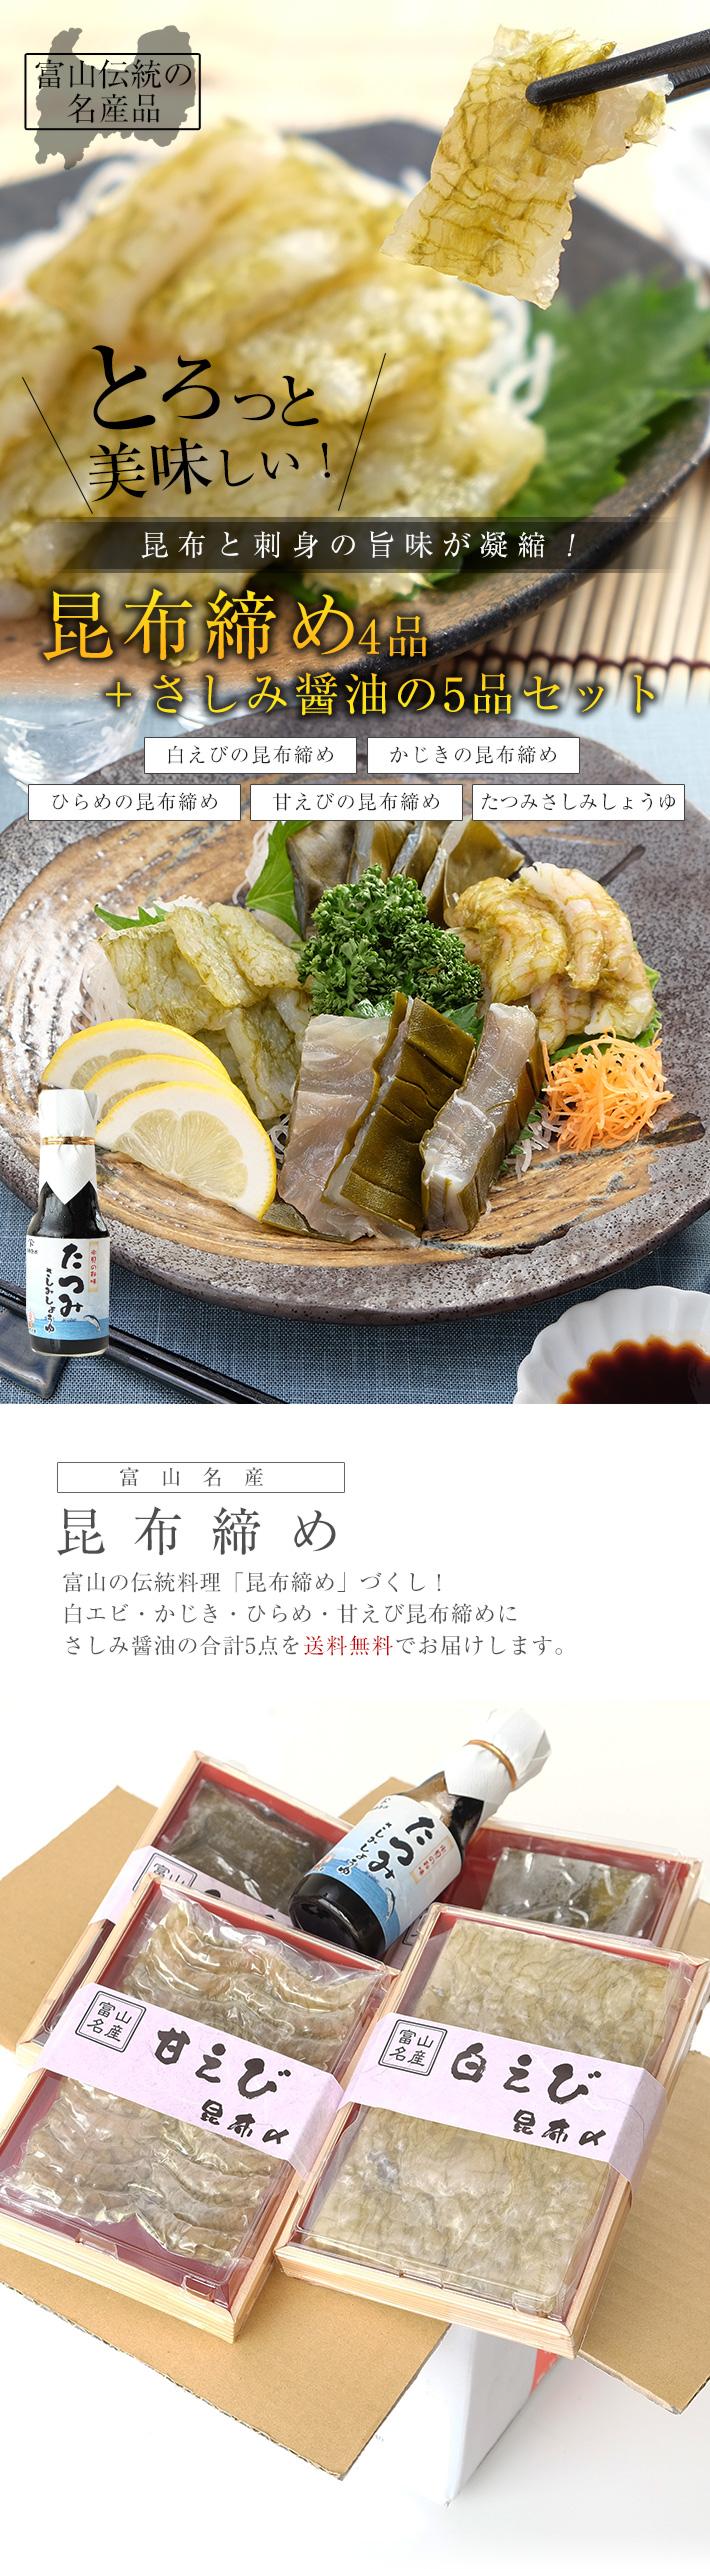 富山名産!白えび・かじき・ひらめ・甘えびの昆布締めとさしみ醤油の5品セット